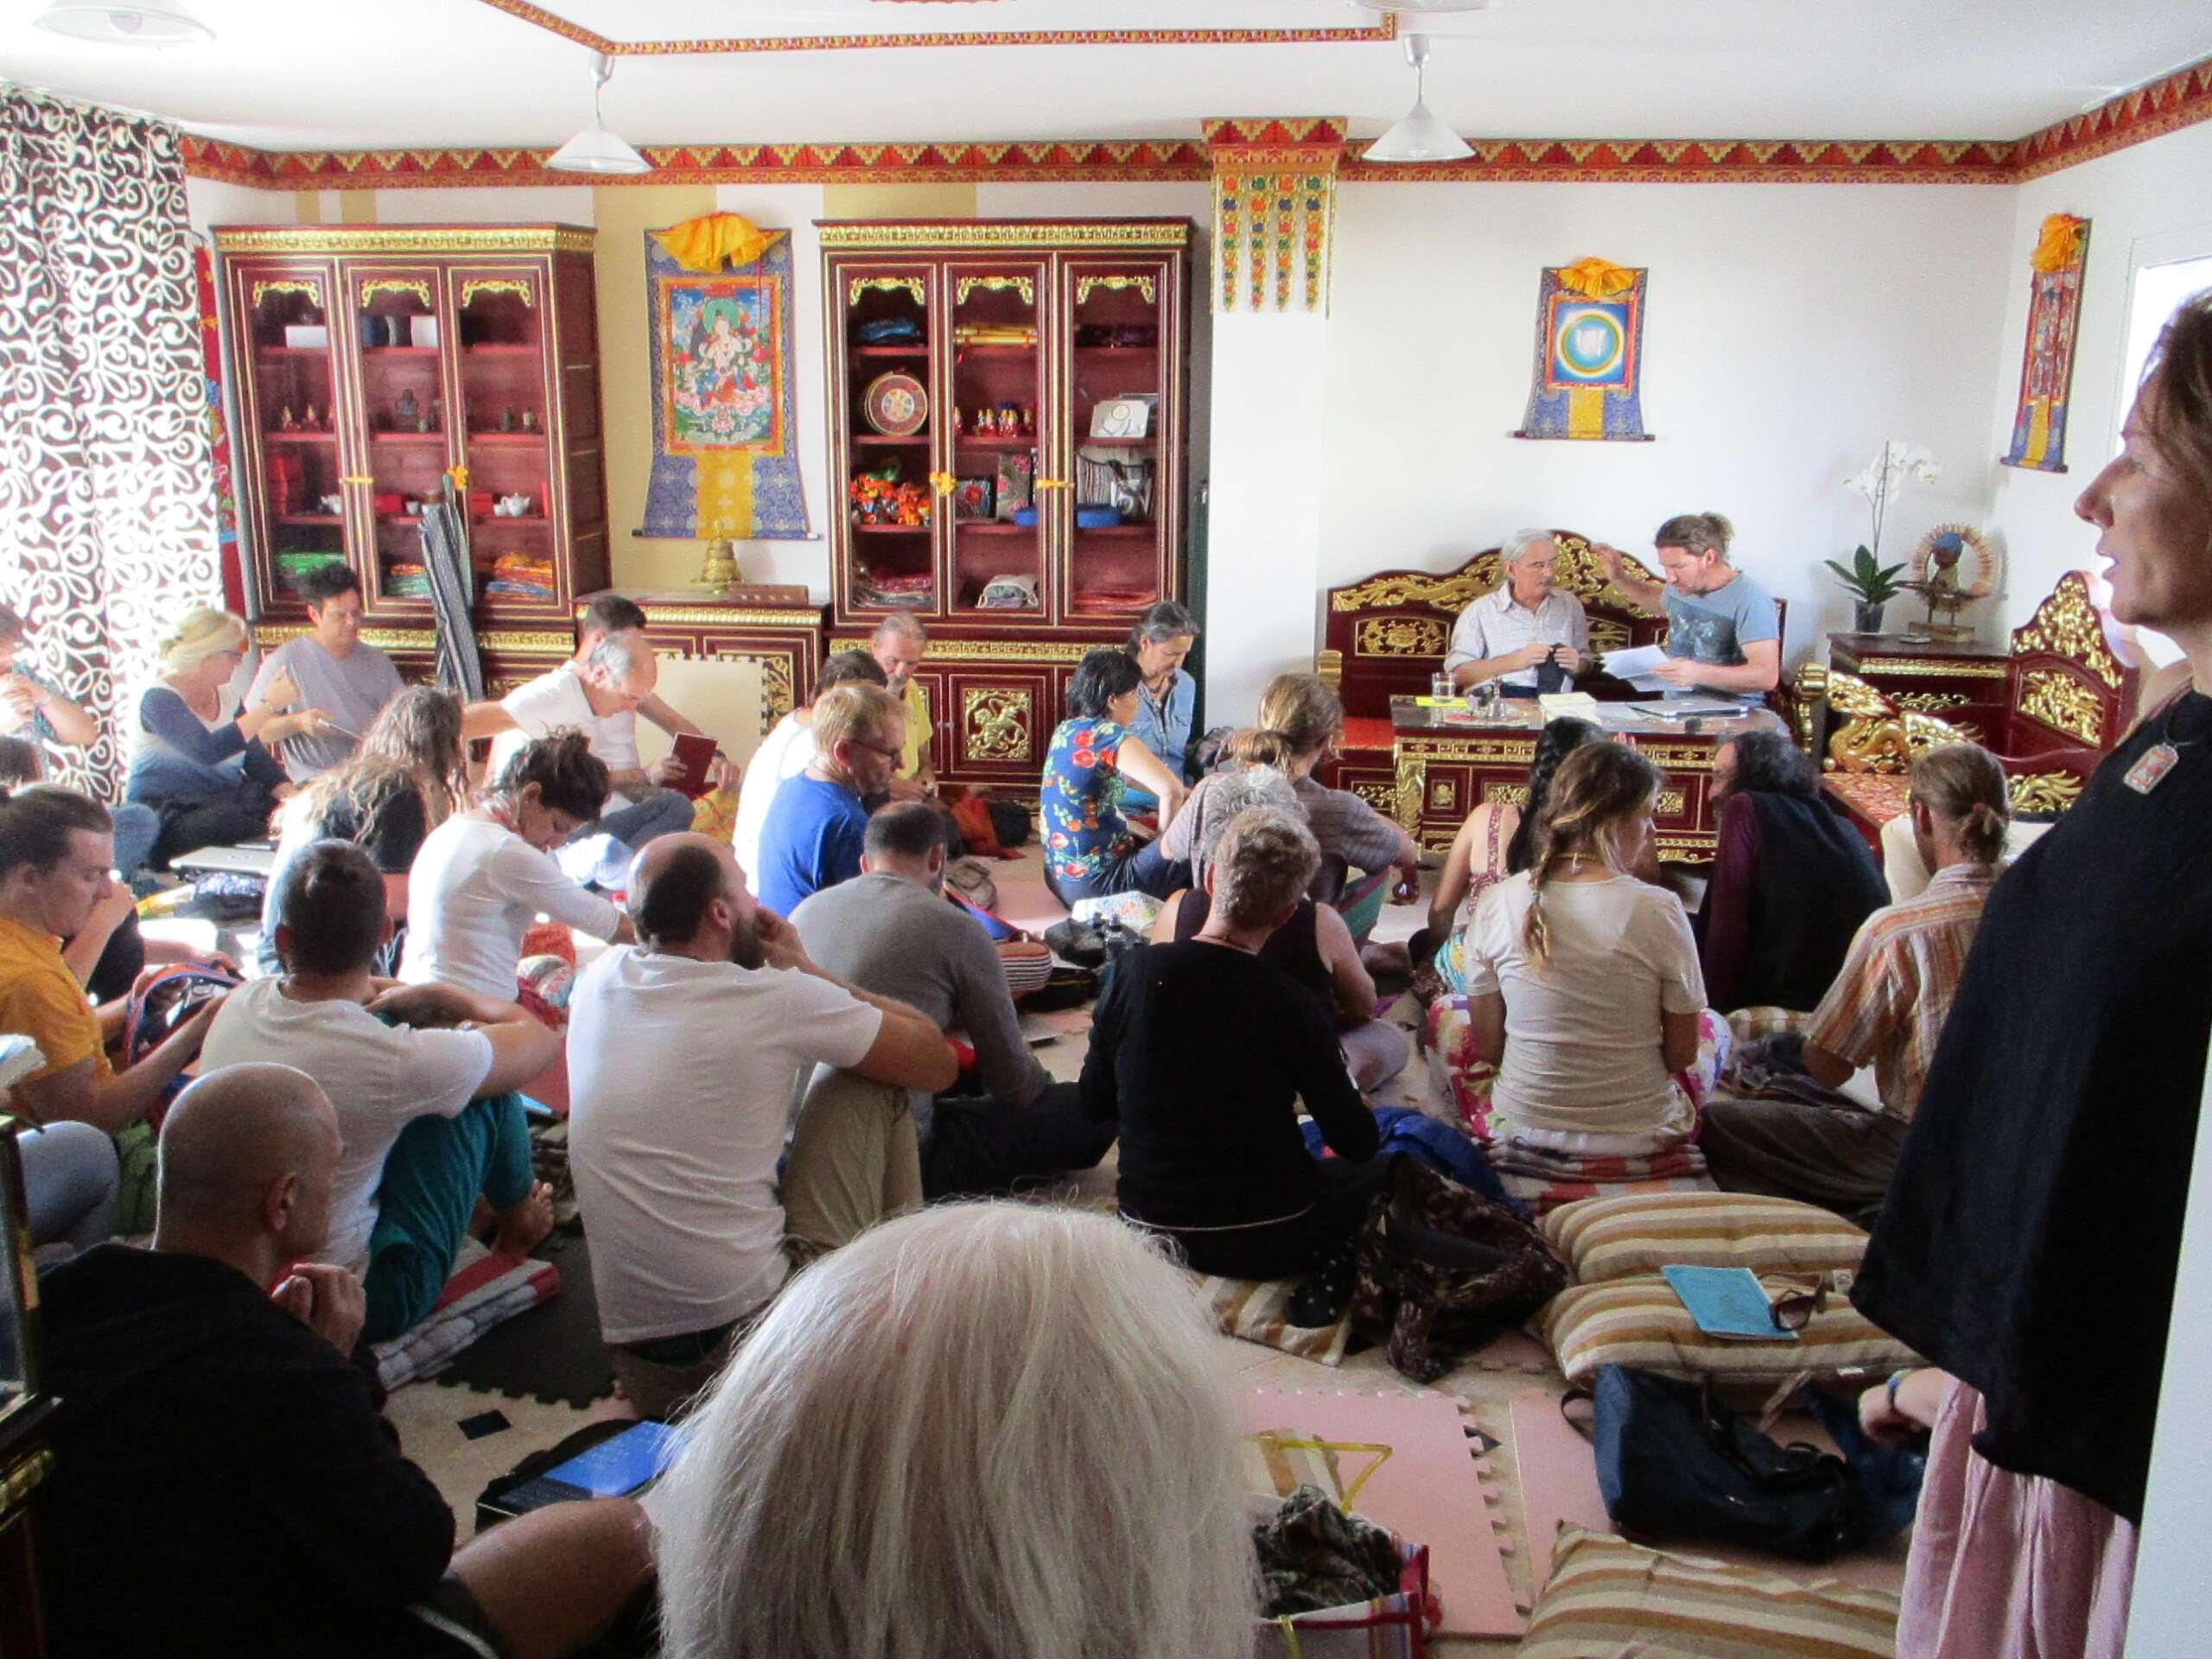 samtengar's tibetan room